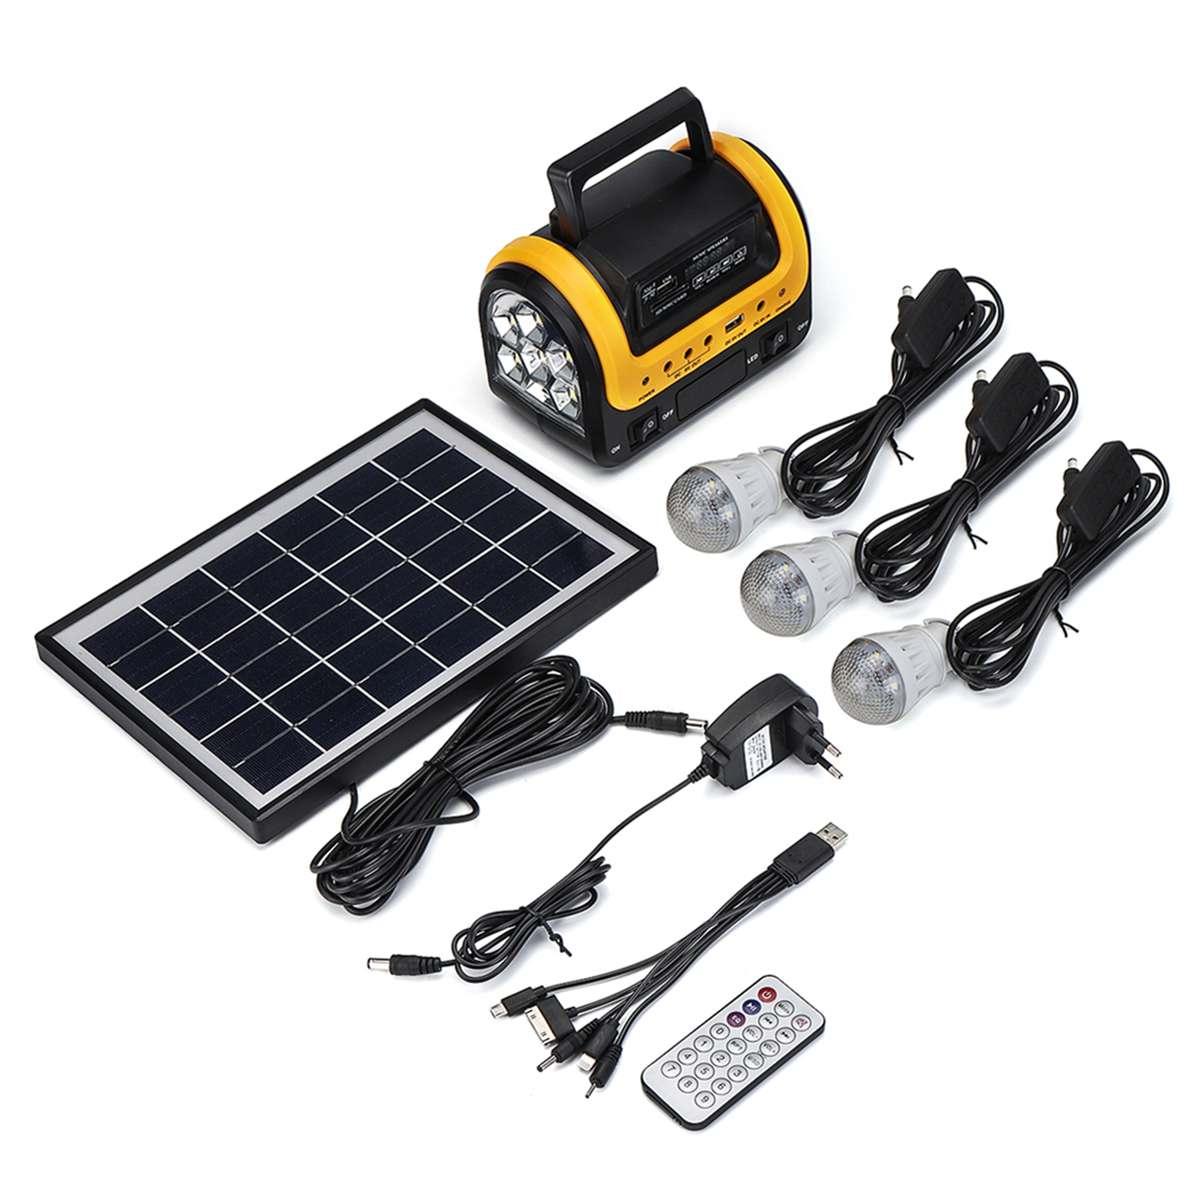 MP3 Torcia Elettrica Caricatore USB 3 HA CONDOTTO Le Lampadine Di Emergenza Esterna Portatile di Potere di Potere del Pannello Solare Generatore di Sistema di Illuminazione A LED Kit